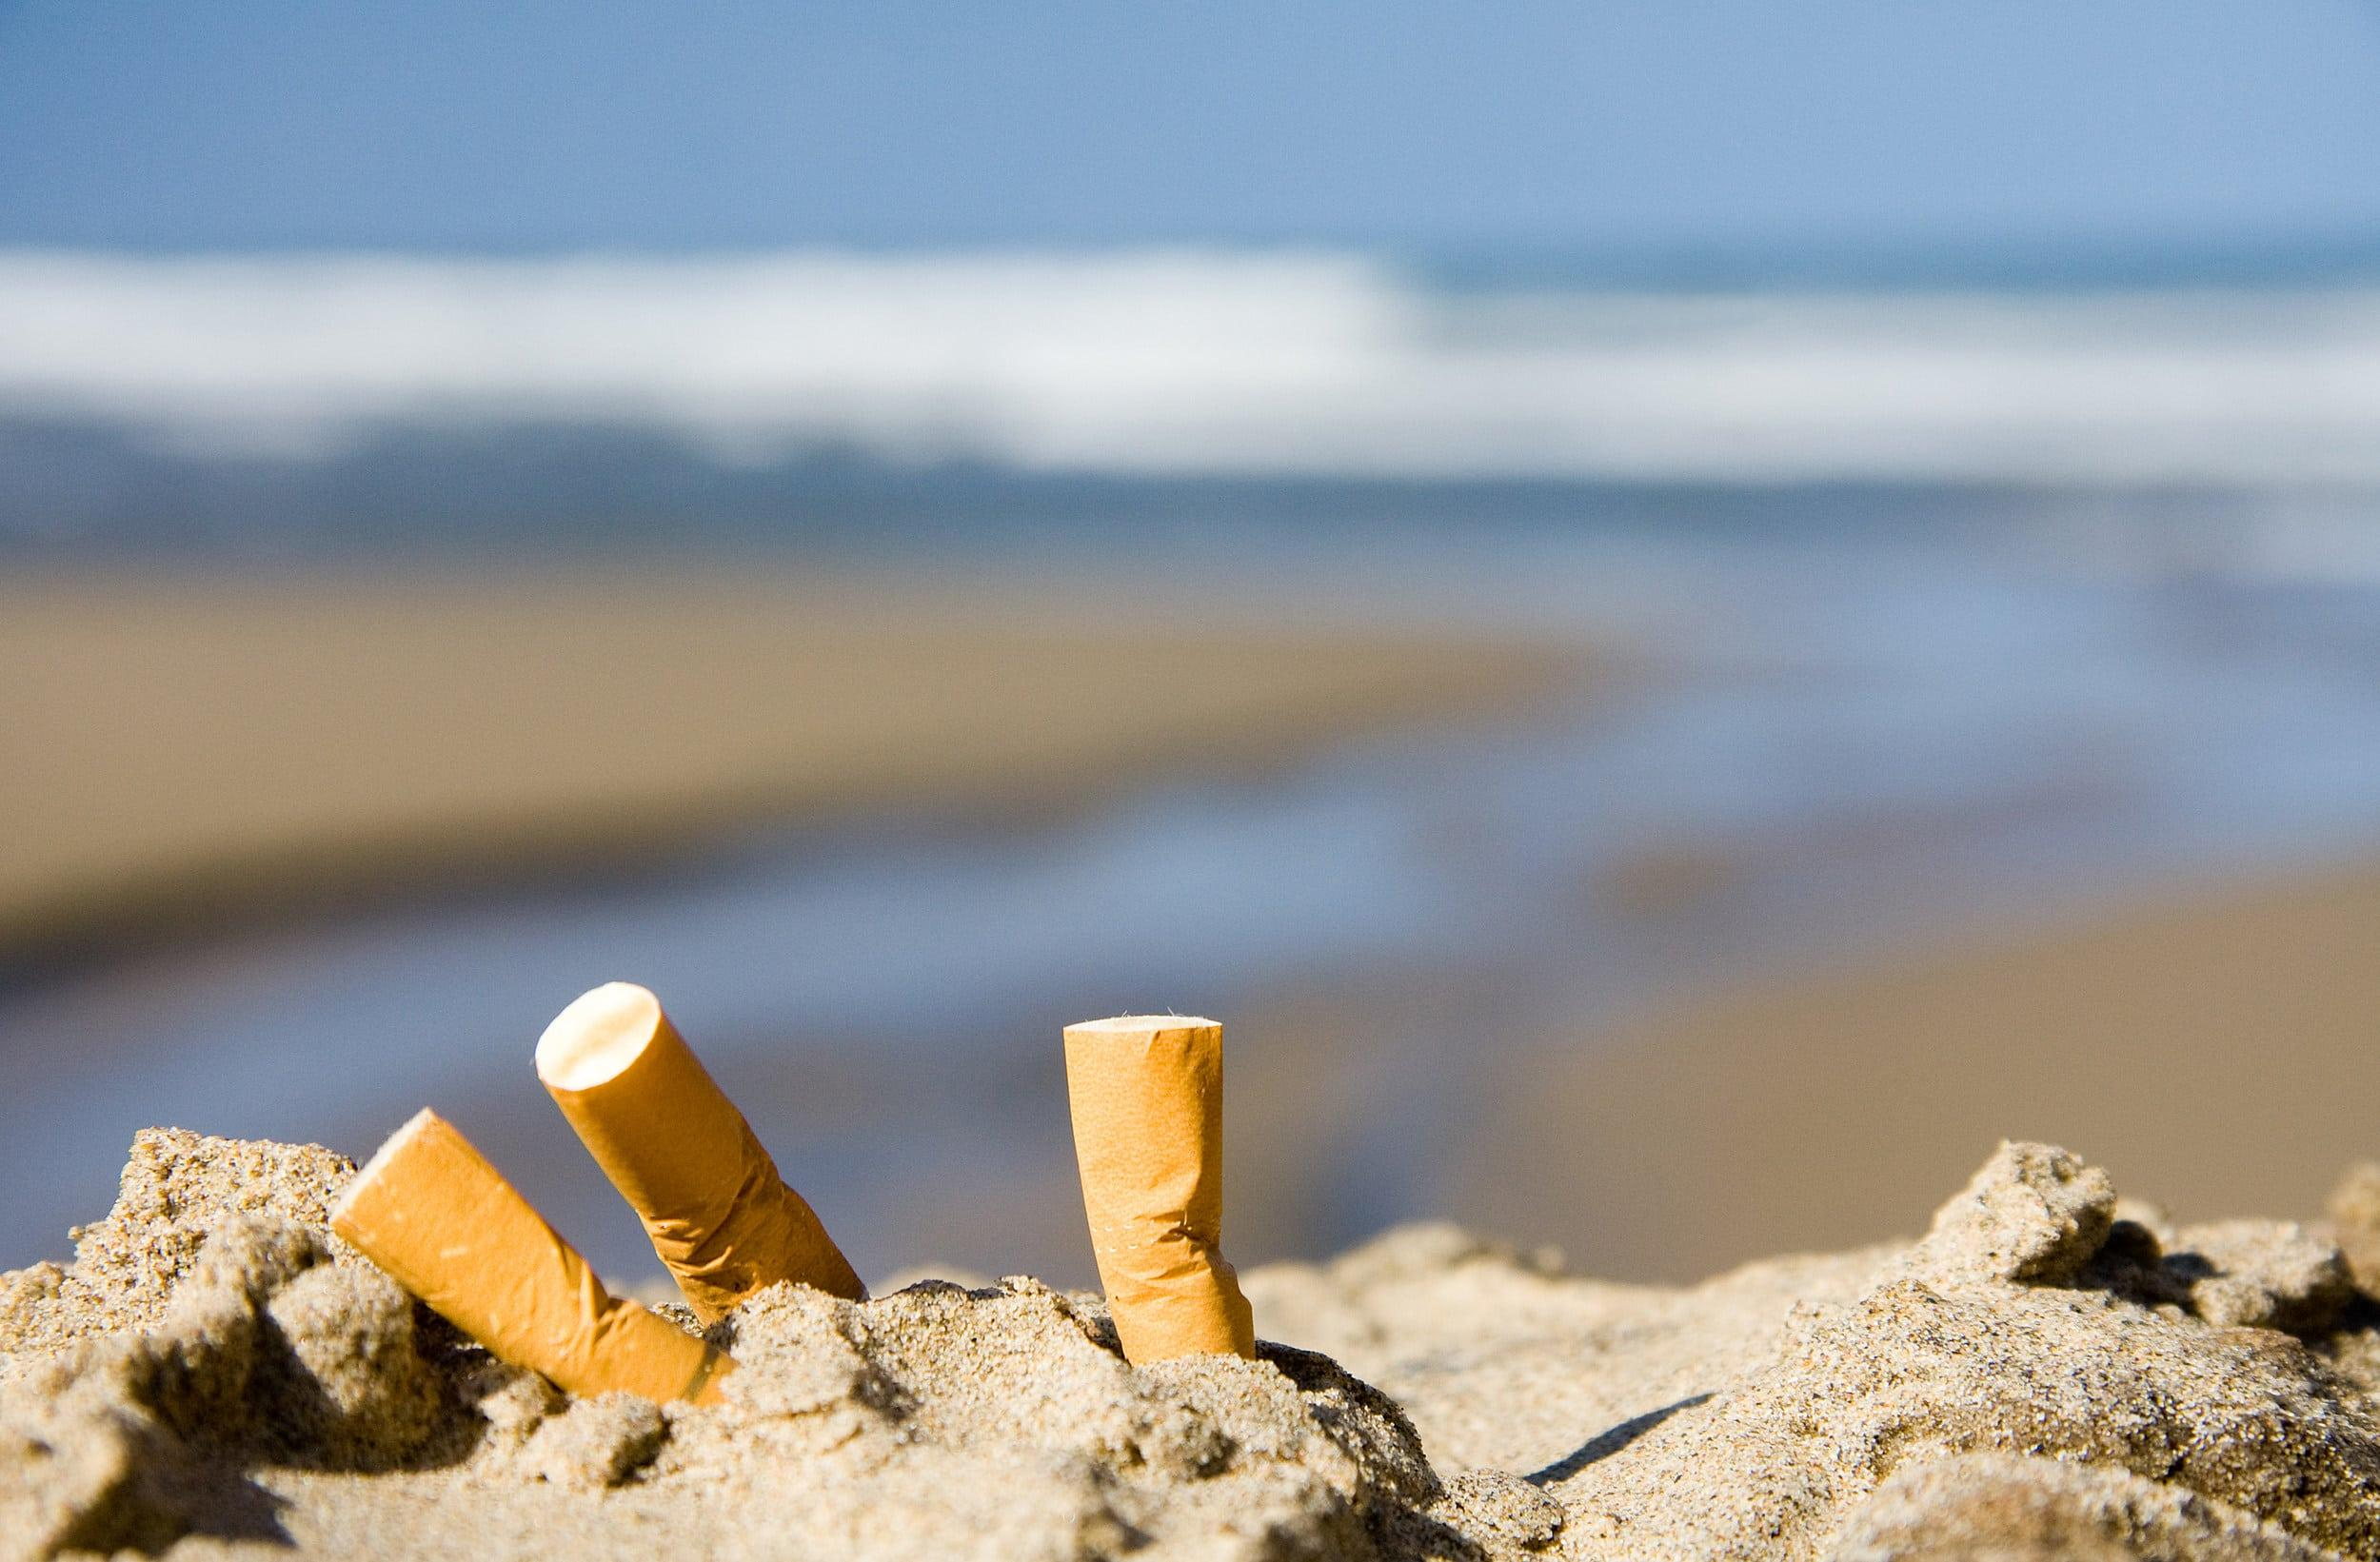 Какого вида мусора больше всего в мировом океане?